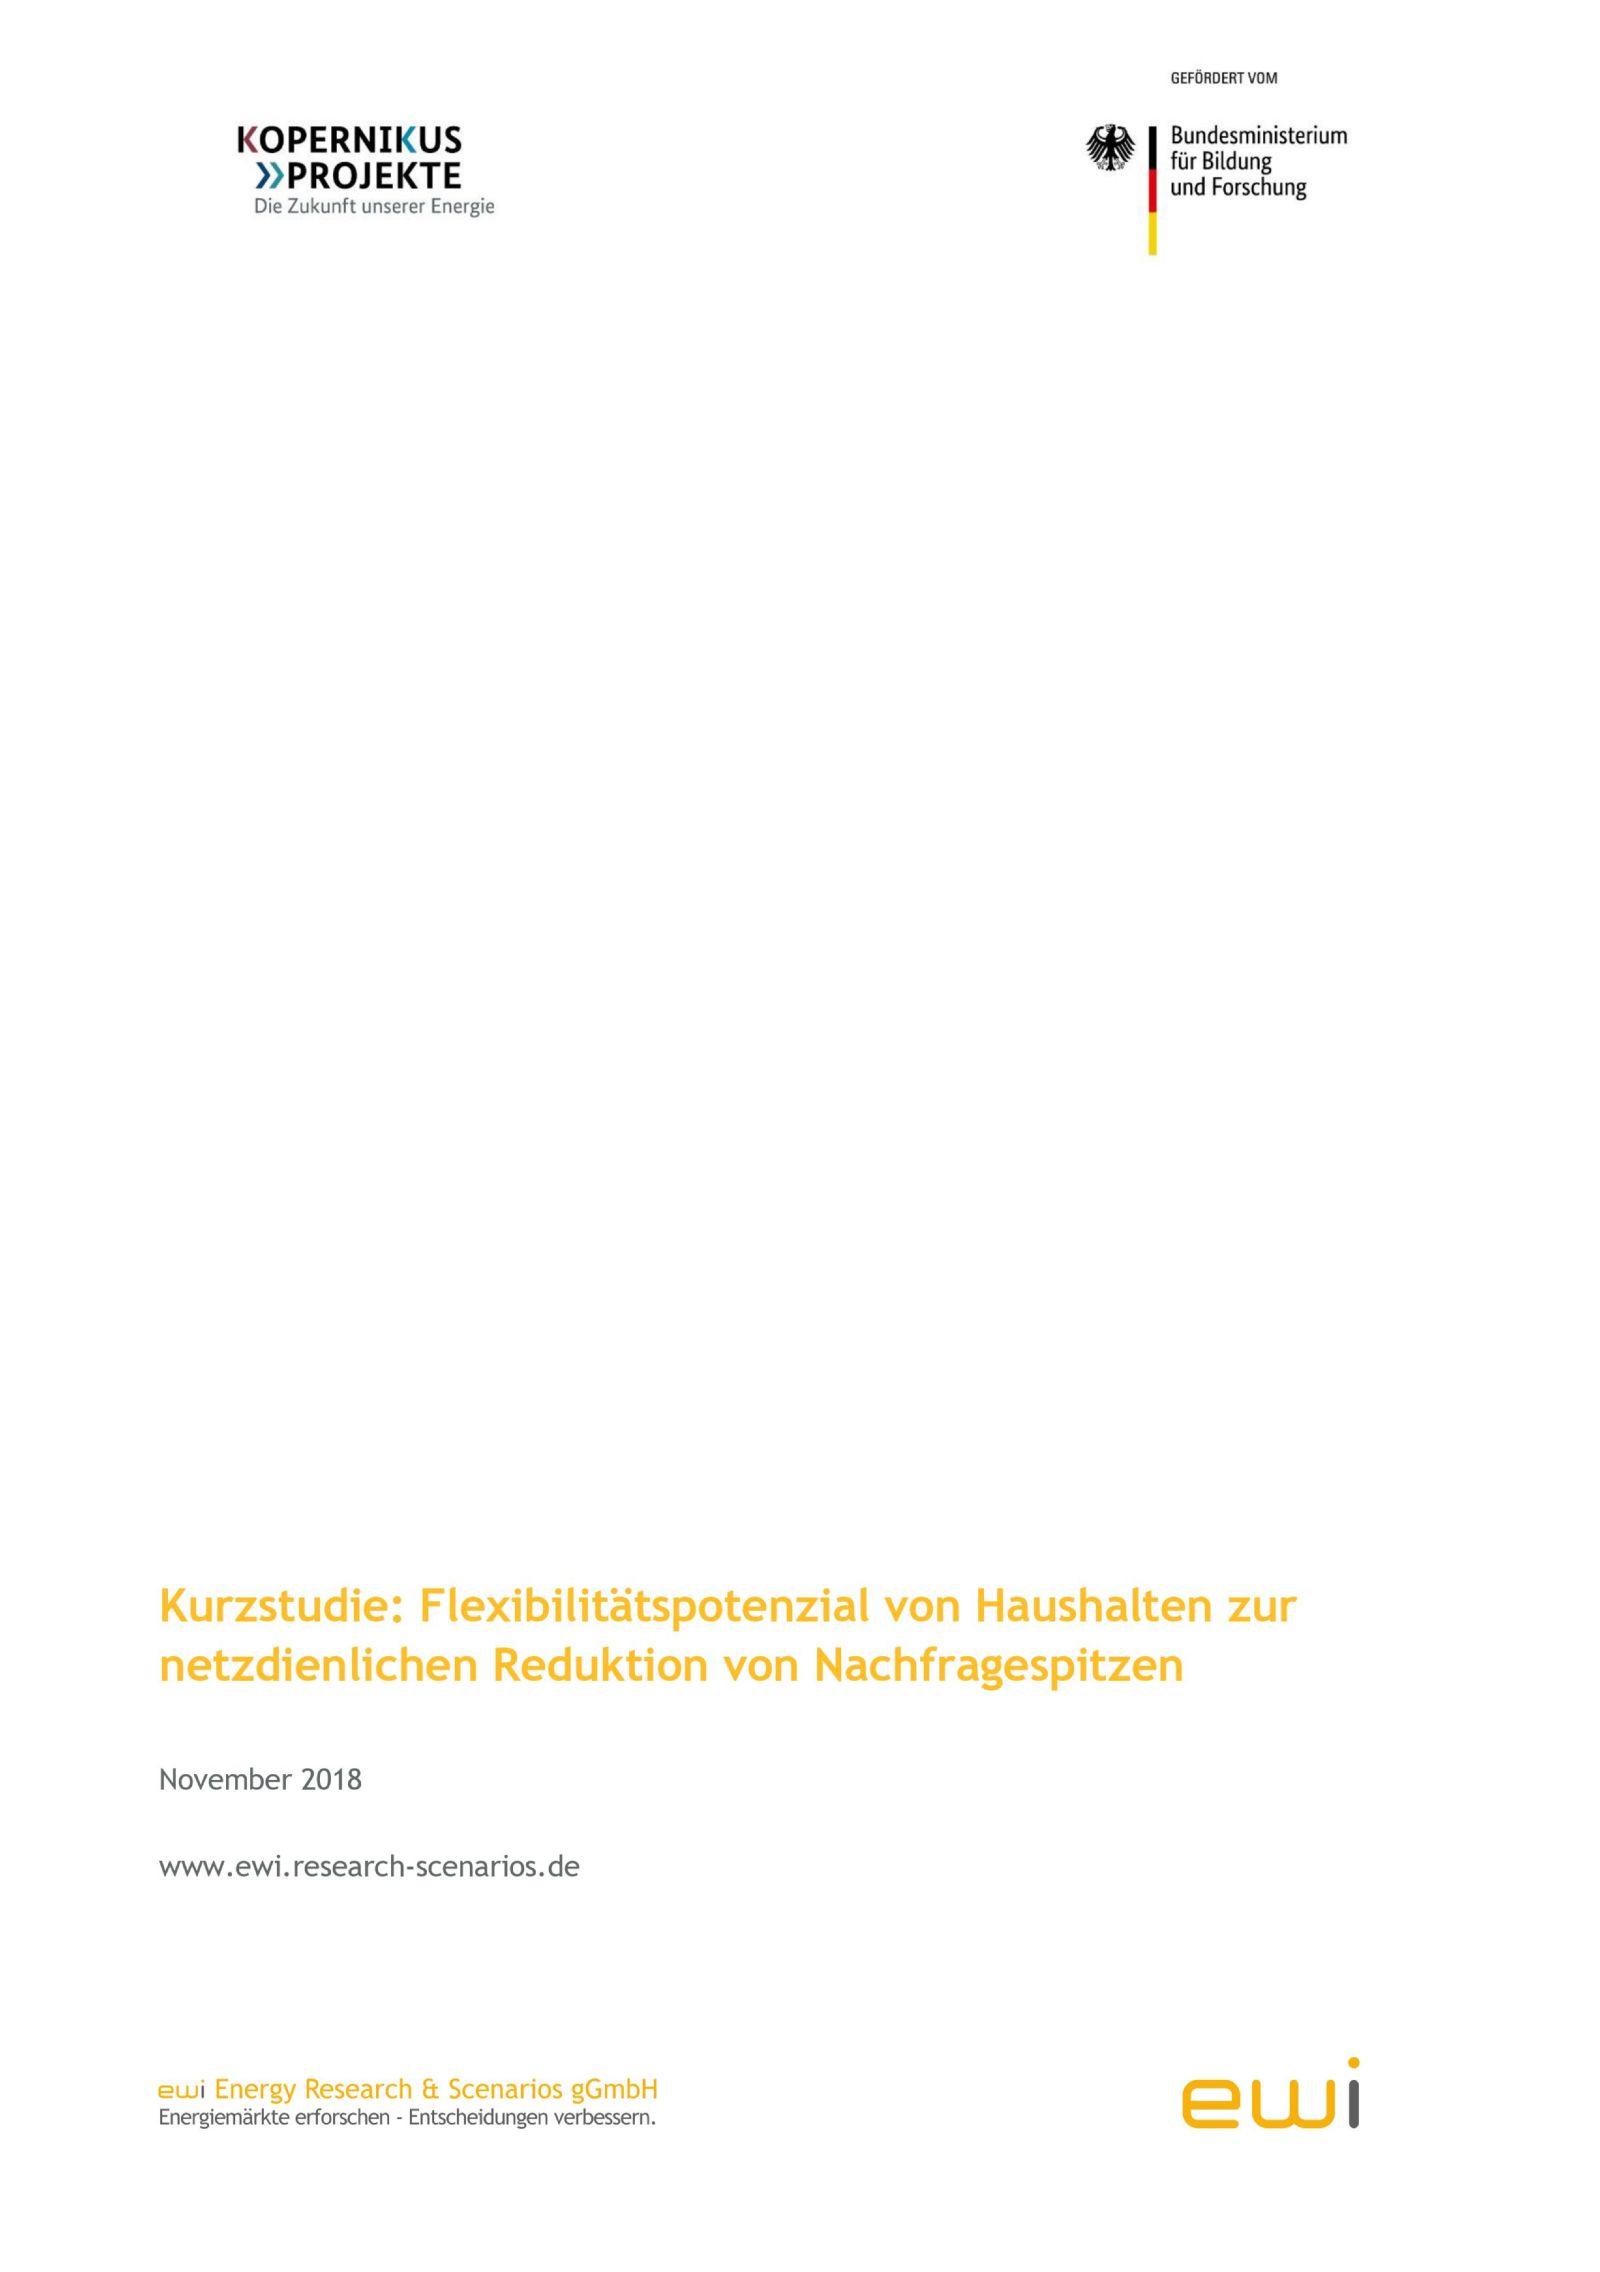 Das Bild zeigt die Titelseite der Studie zu Flexibilitätspotenzialen.